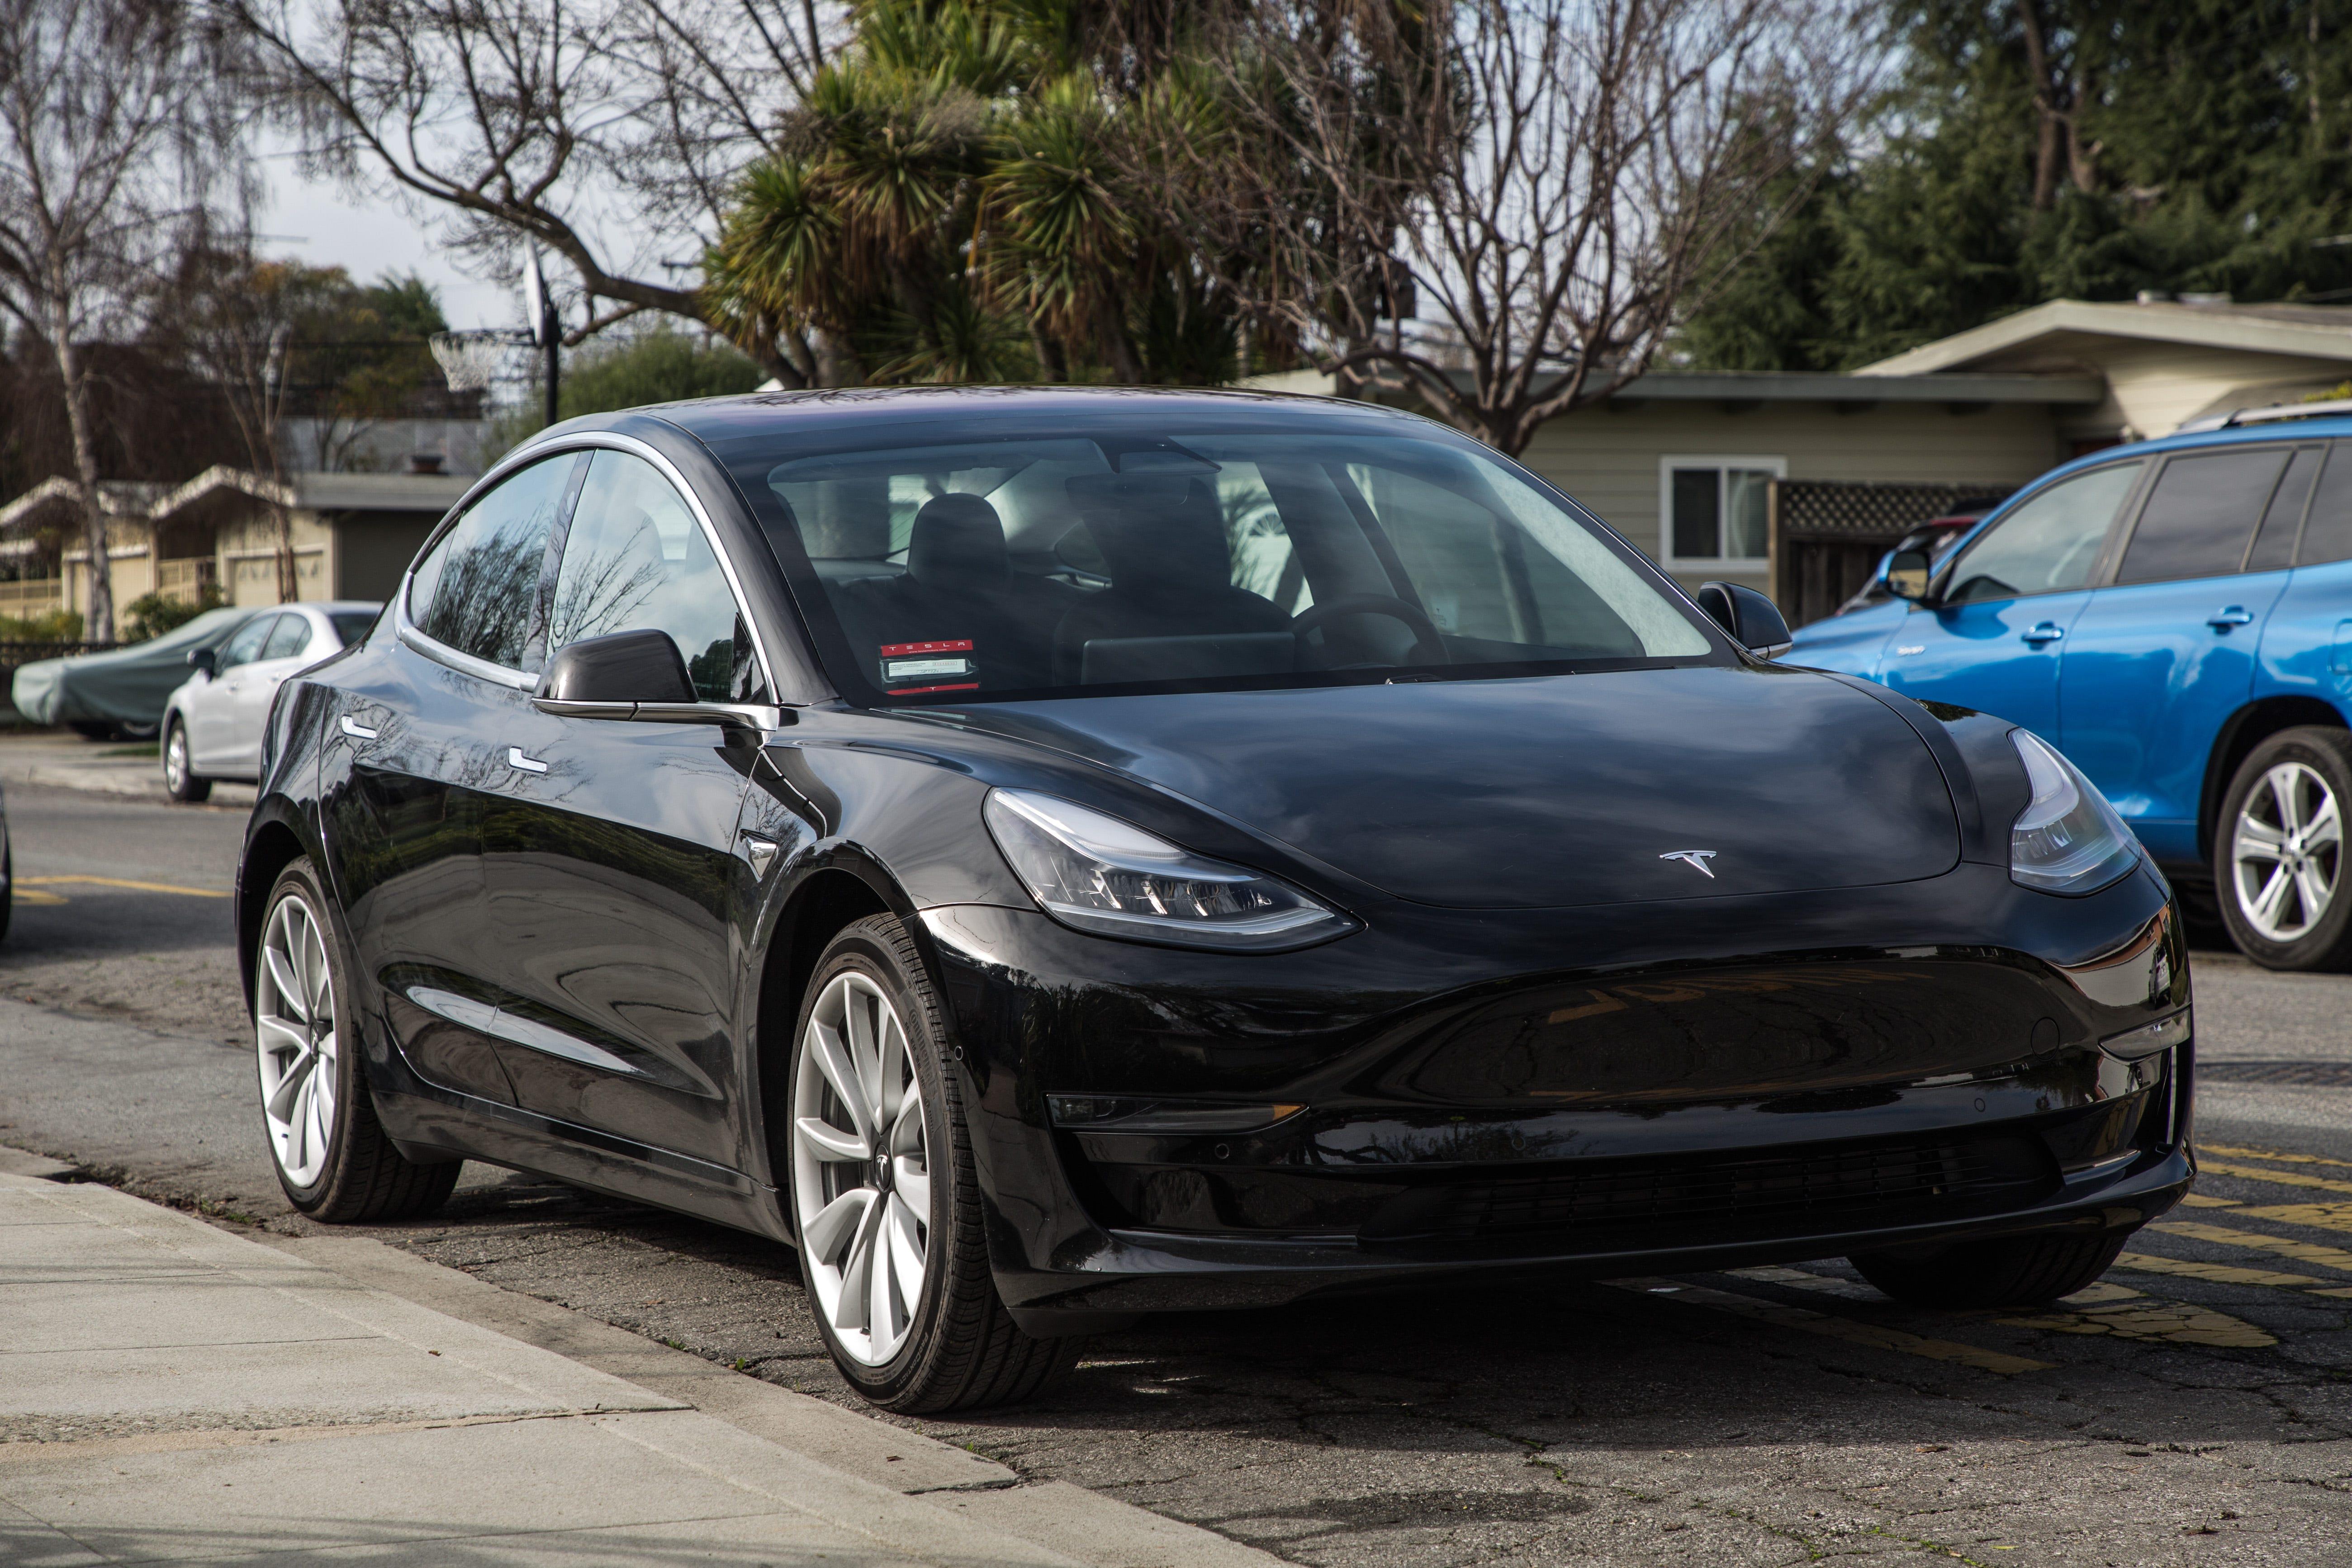 Electric car tax credit expiration